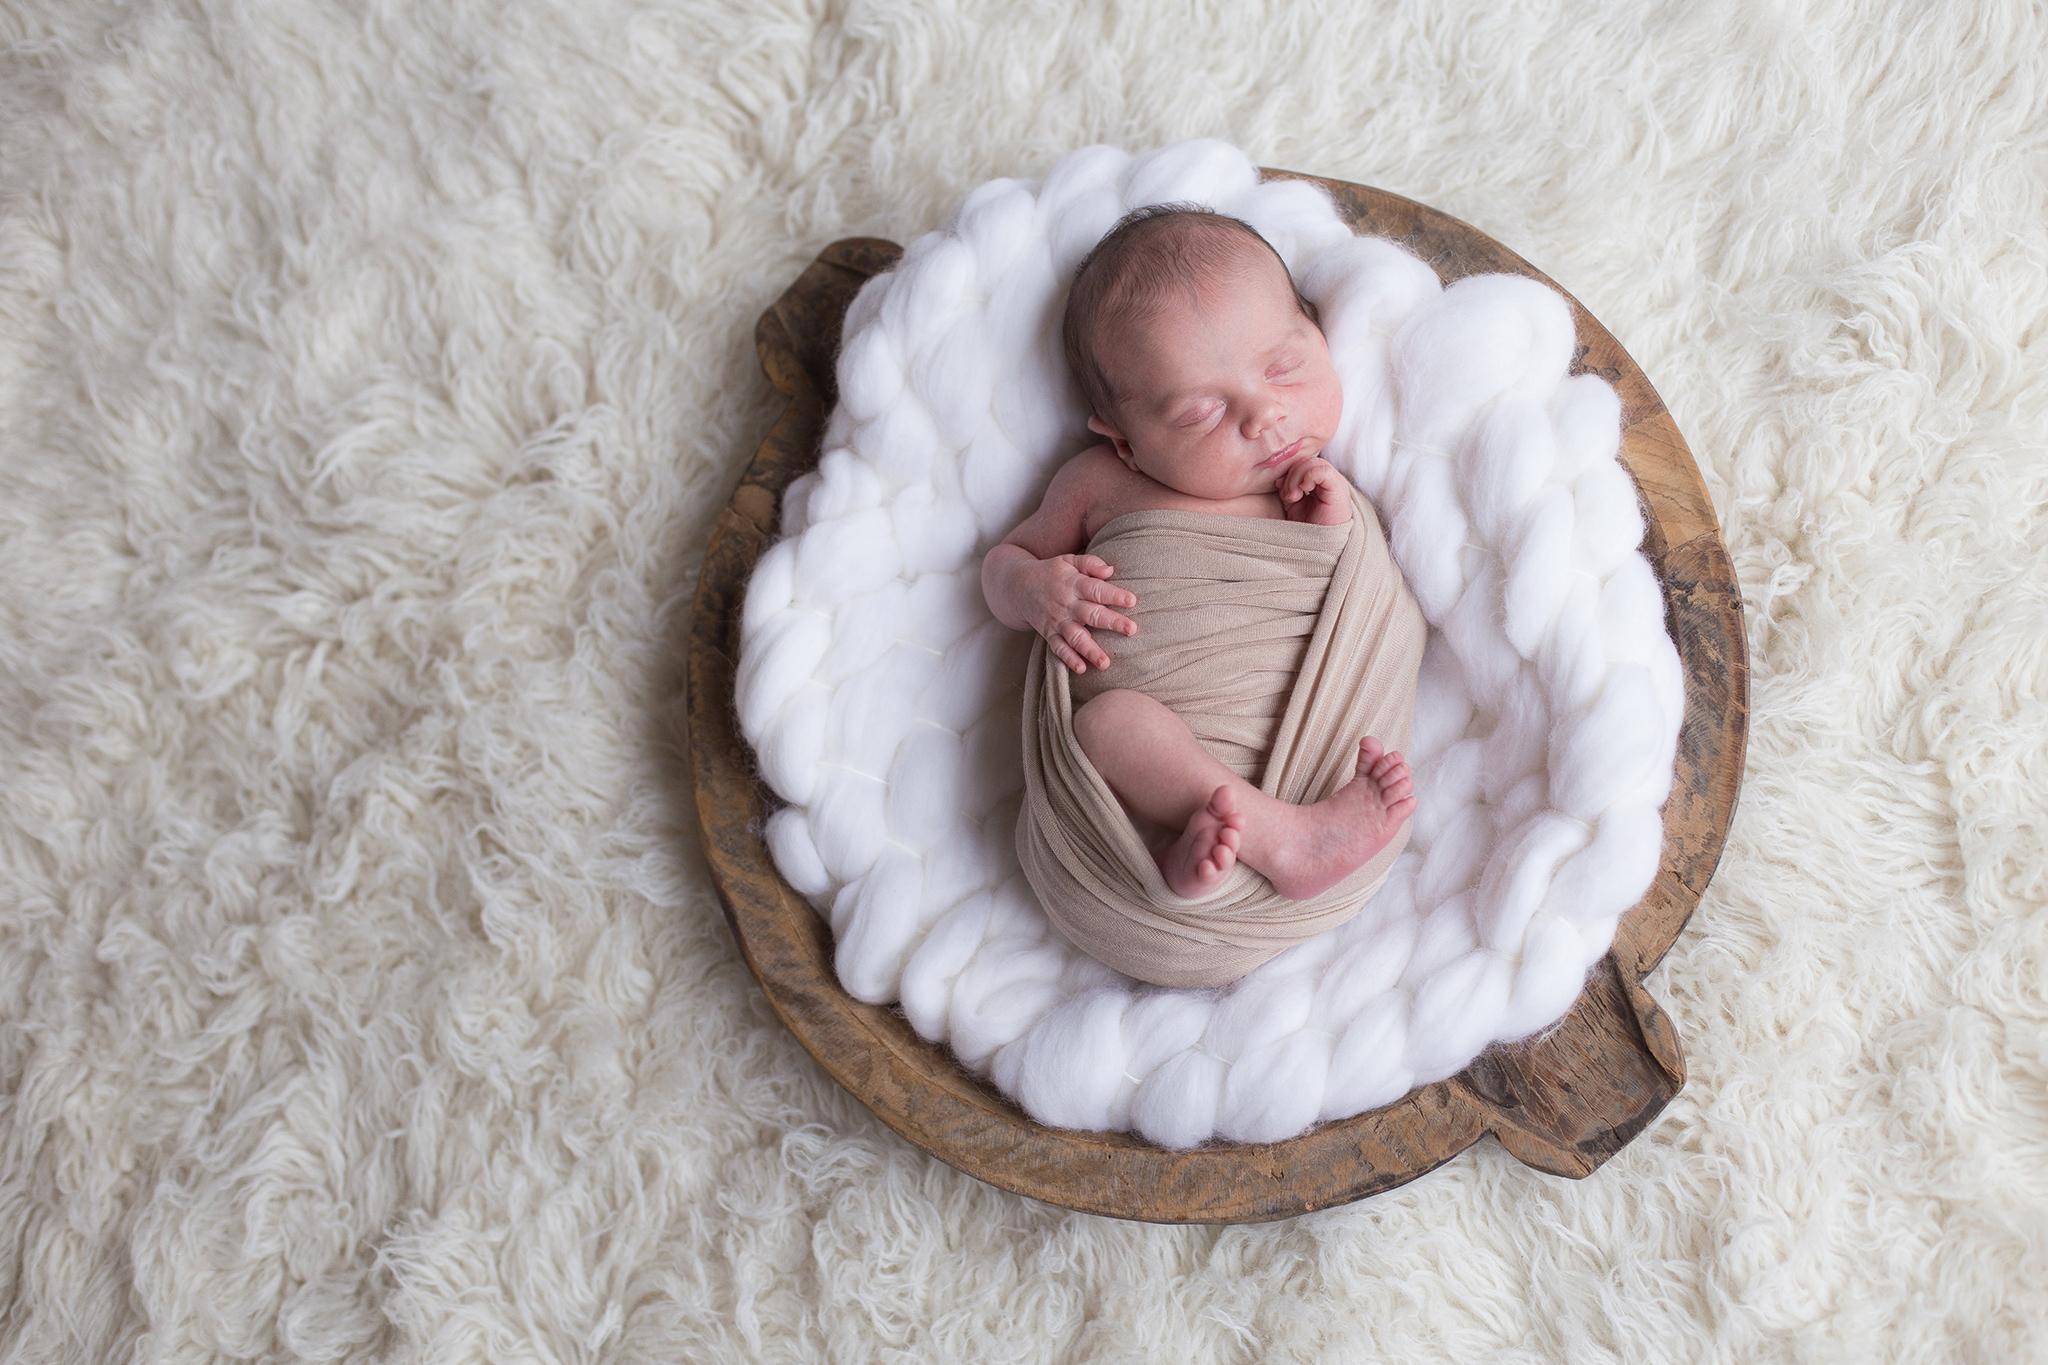 photographe mariage et naissance nord pas de calais lille b thune. Black Bedroom Furniture Sets. Home Design Ideas